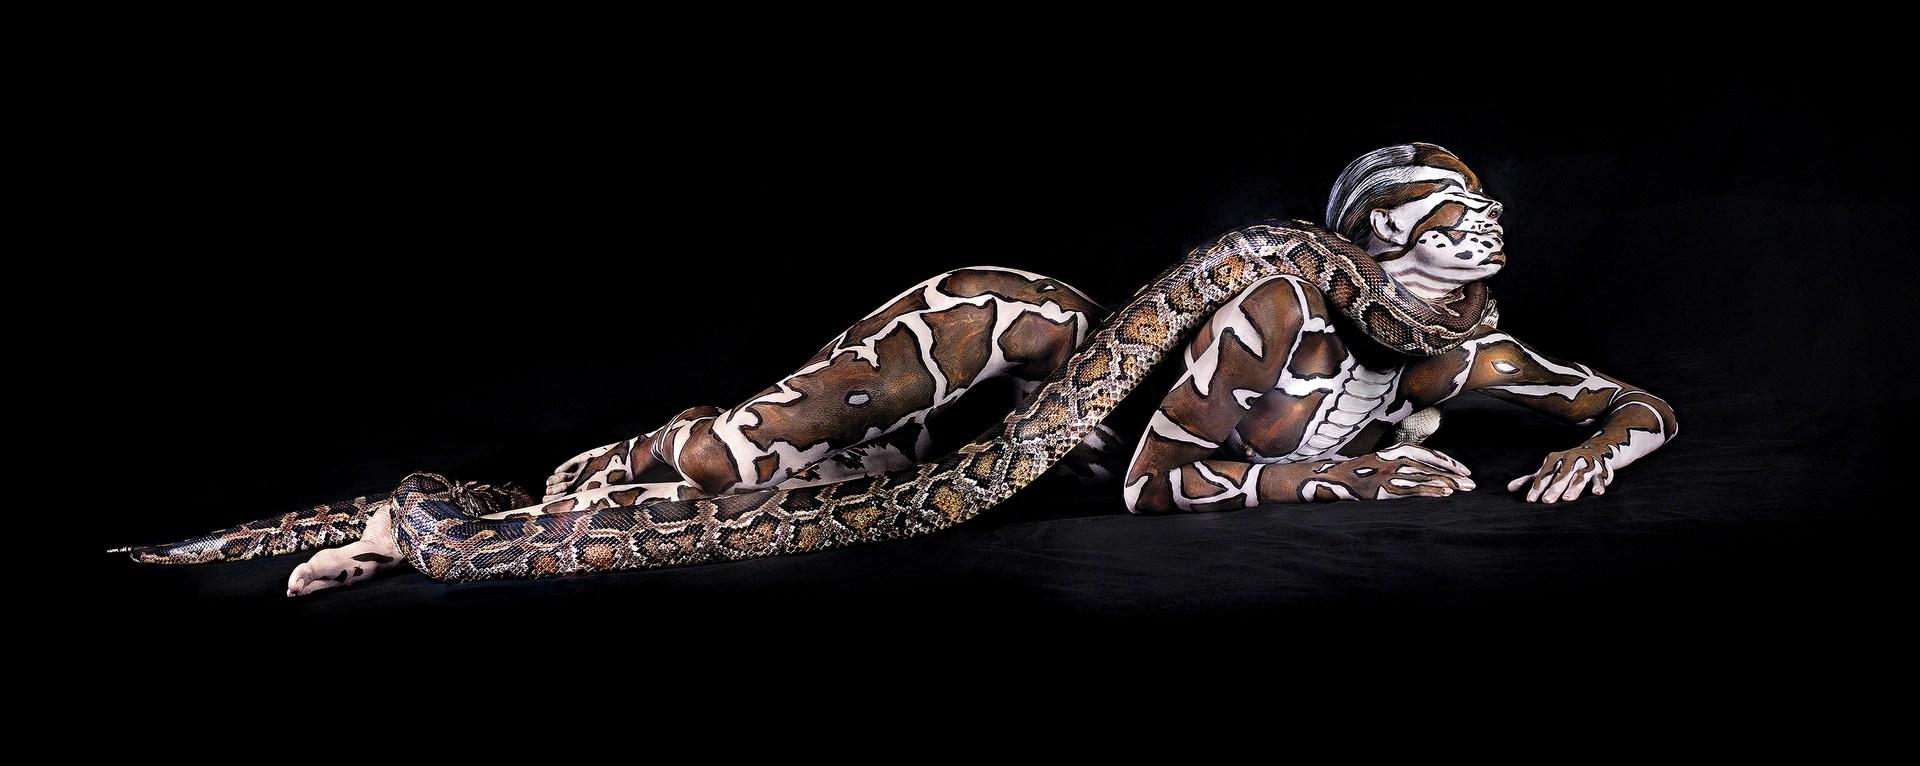 ani-human python